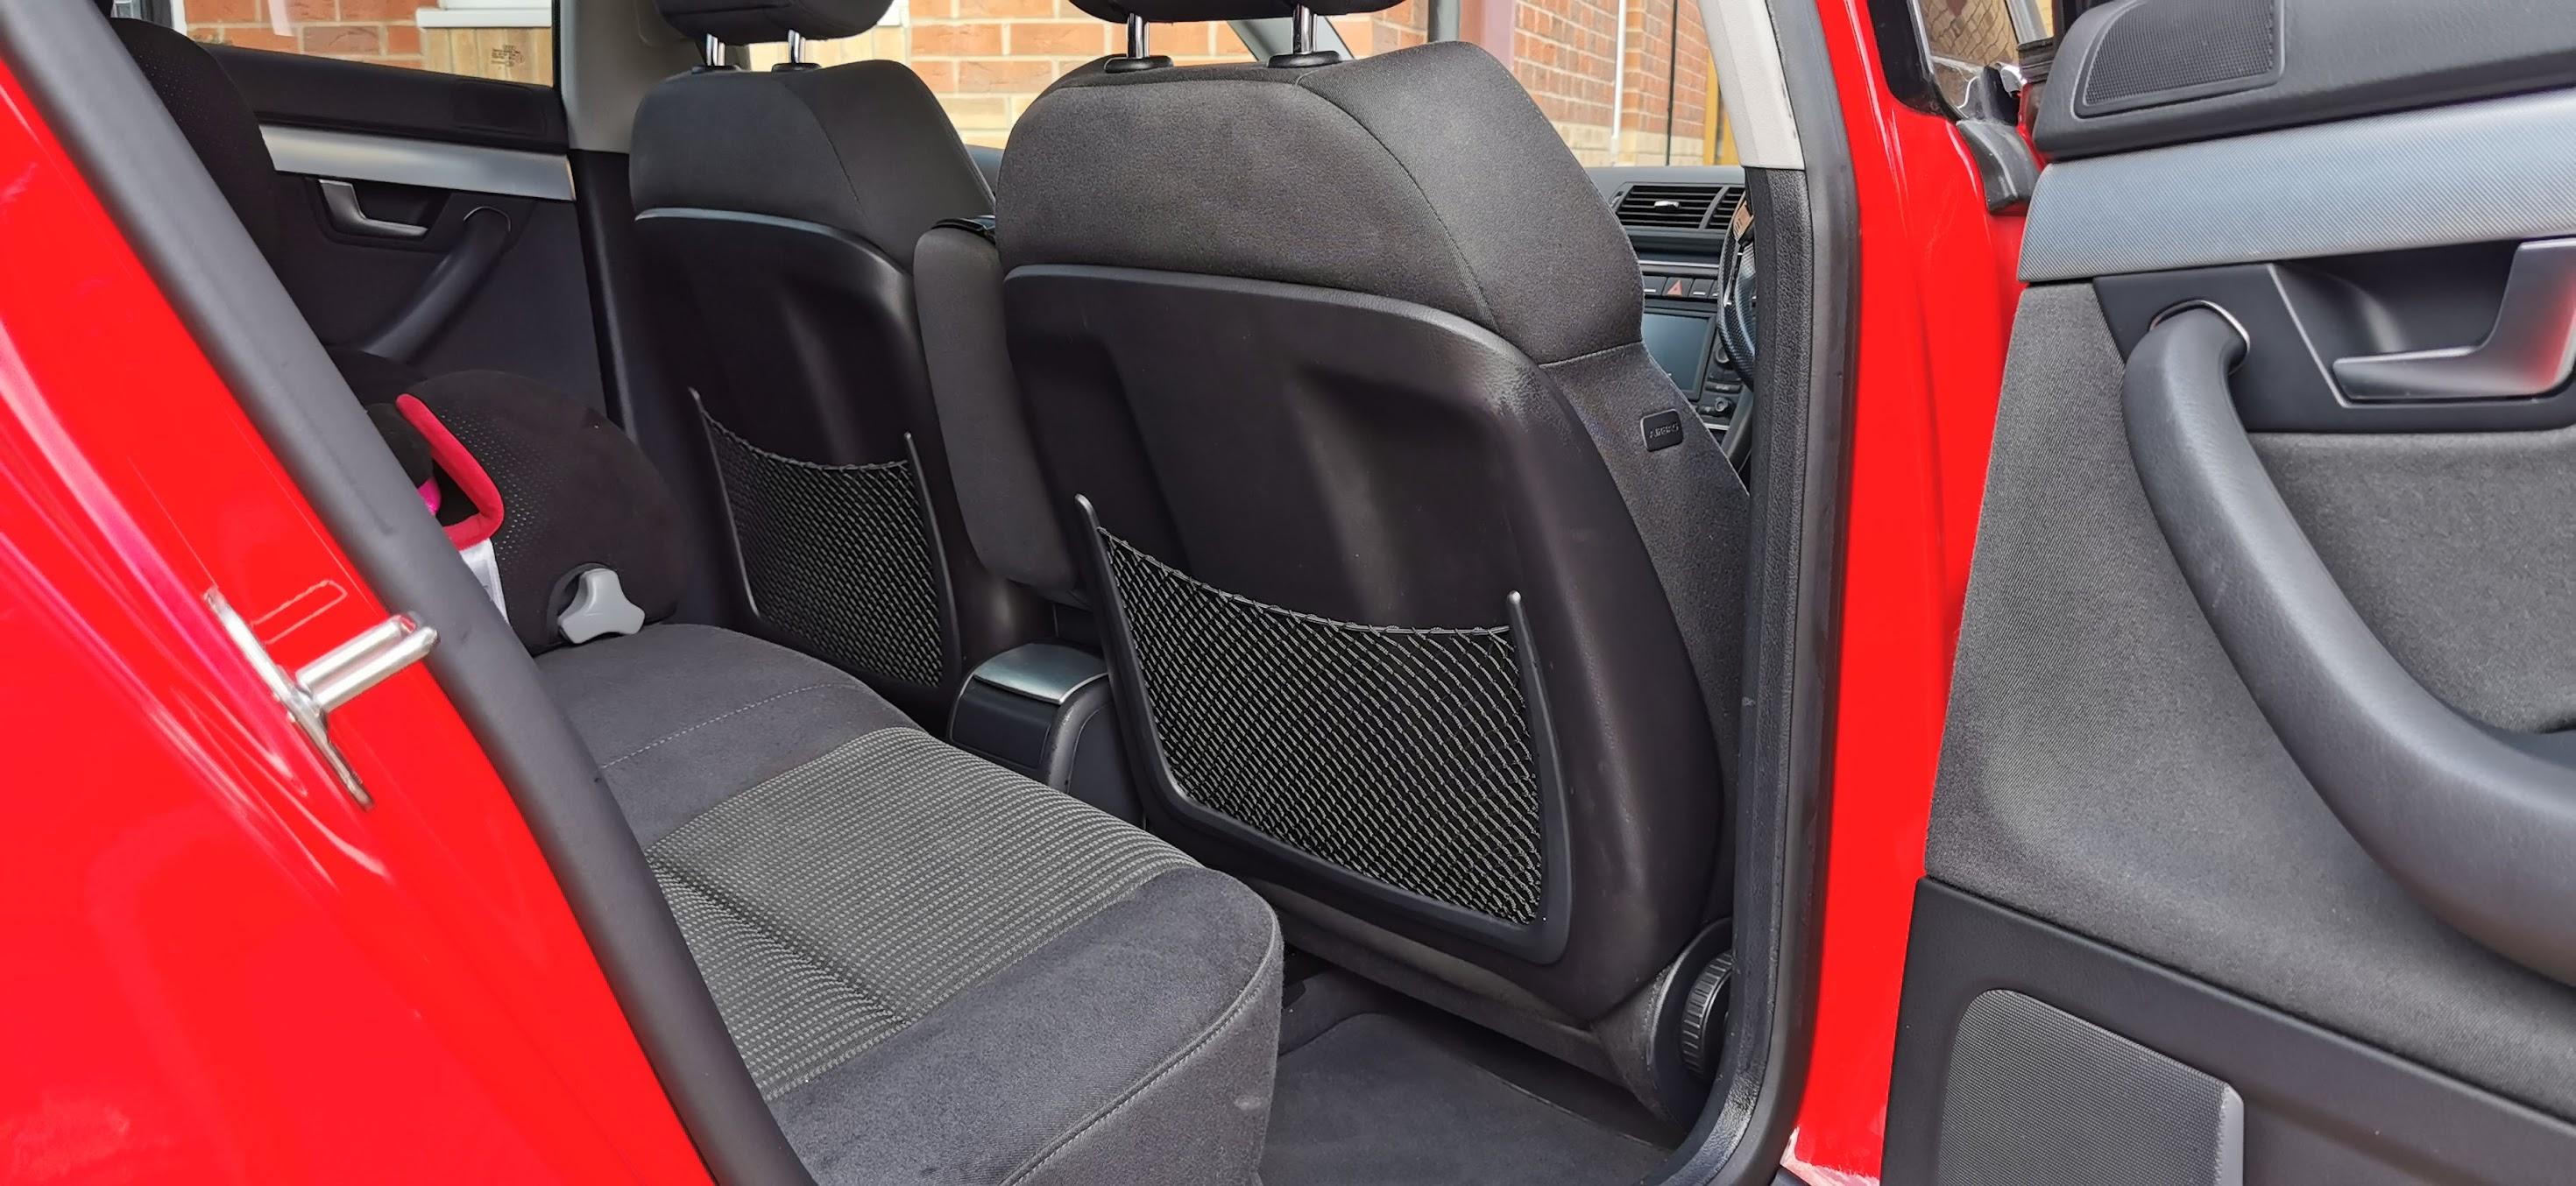 seat_backs_after.jpg